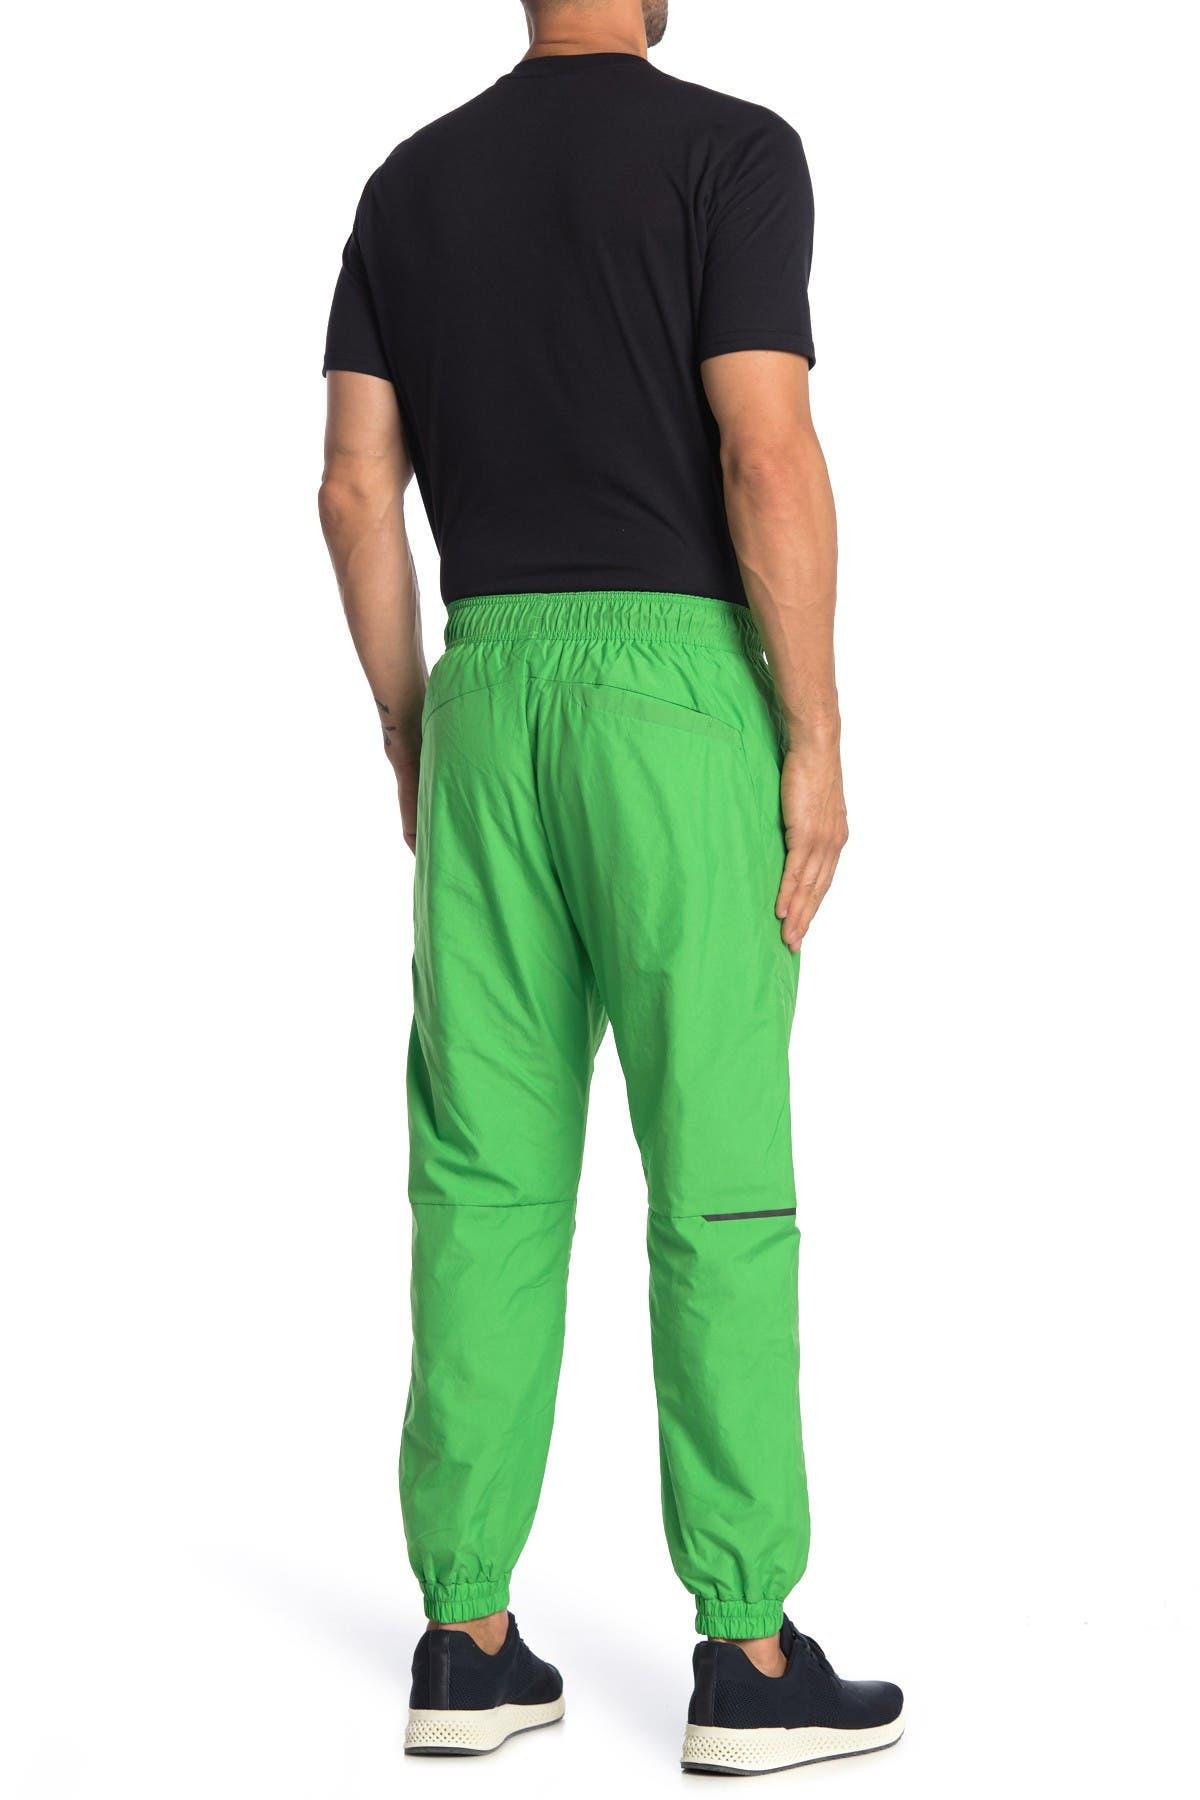 Oakley Enhance Wind Warm Pants